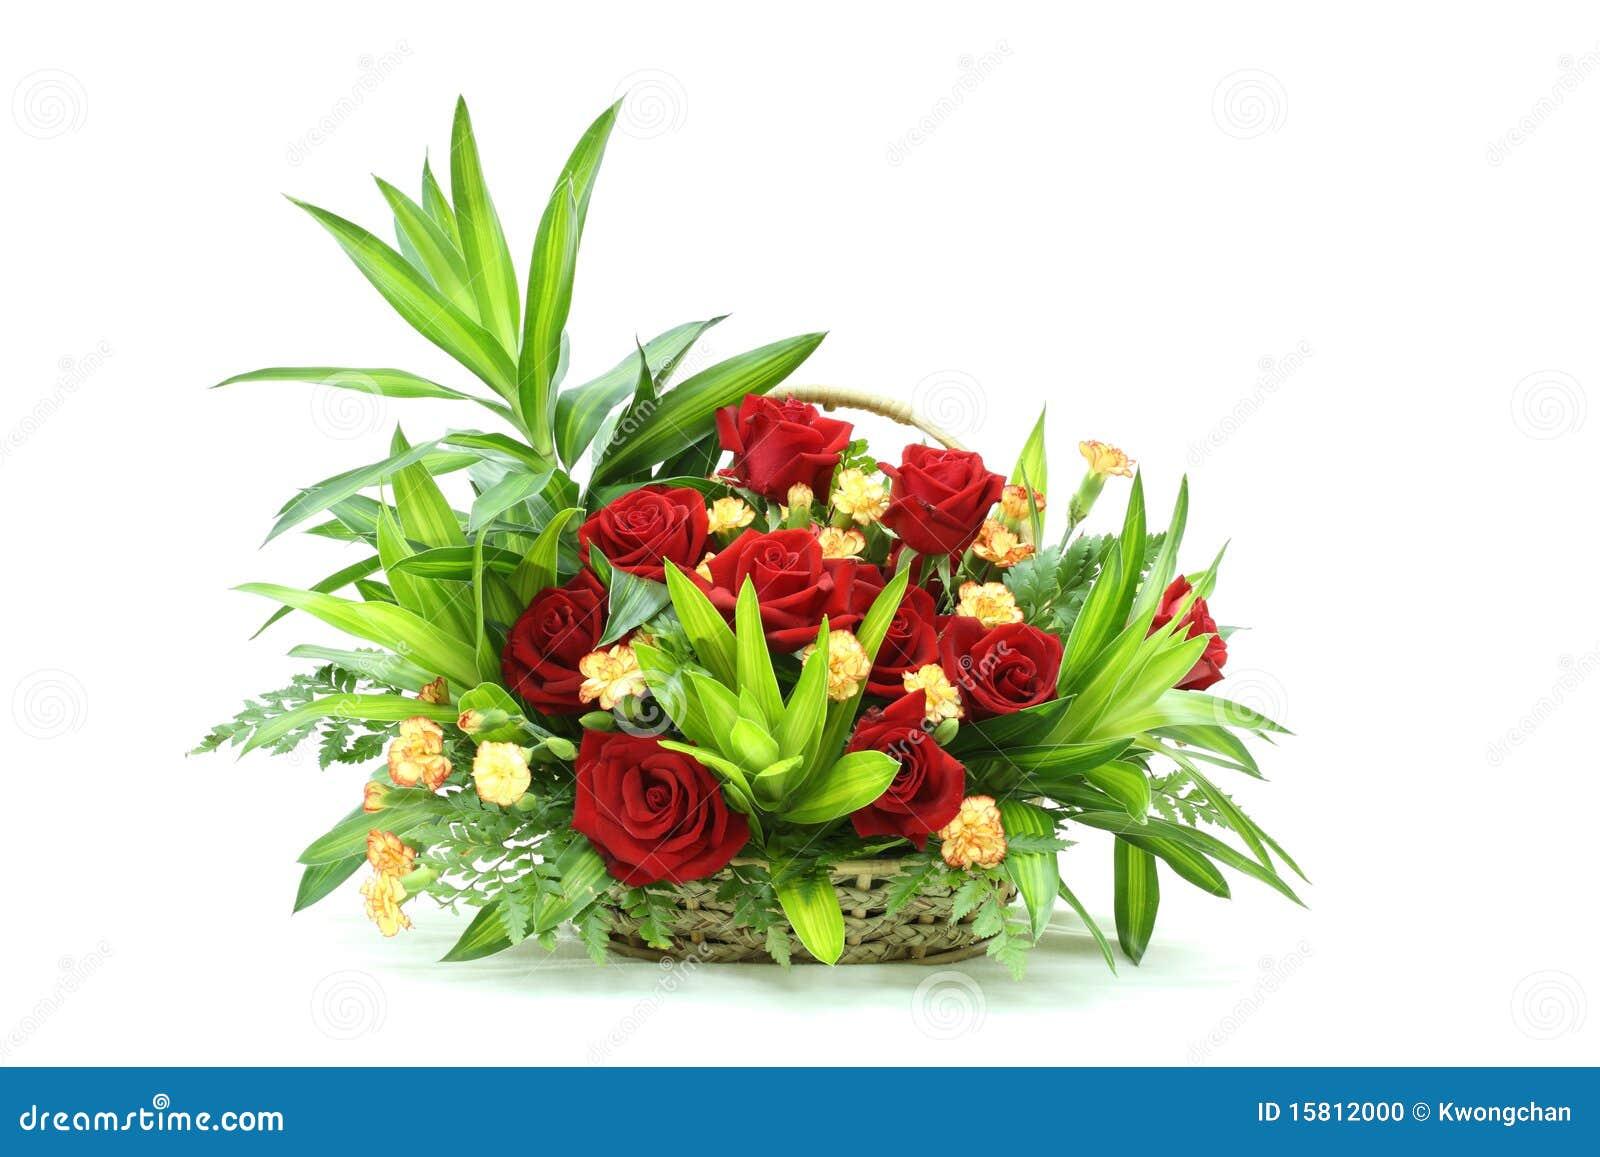 Mazzo di fiori un cestino stock photos royalty free pictures for Costruire un mazzo di portico